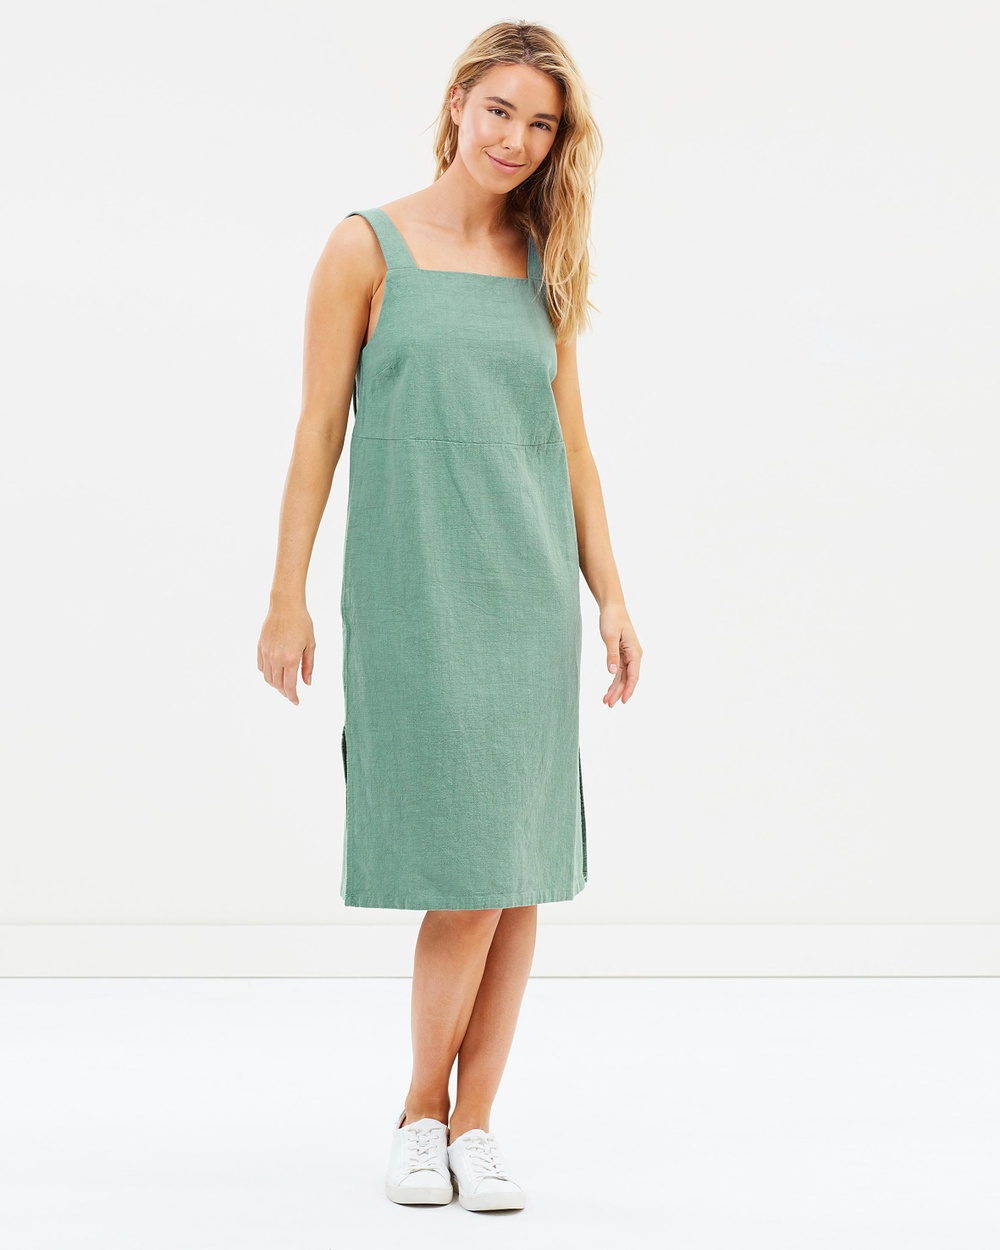 Rusty Heartbreaker 2 Dress Dresses Seafoam Heartbreaker 2 Dress